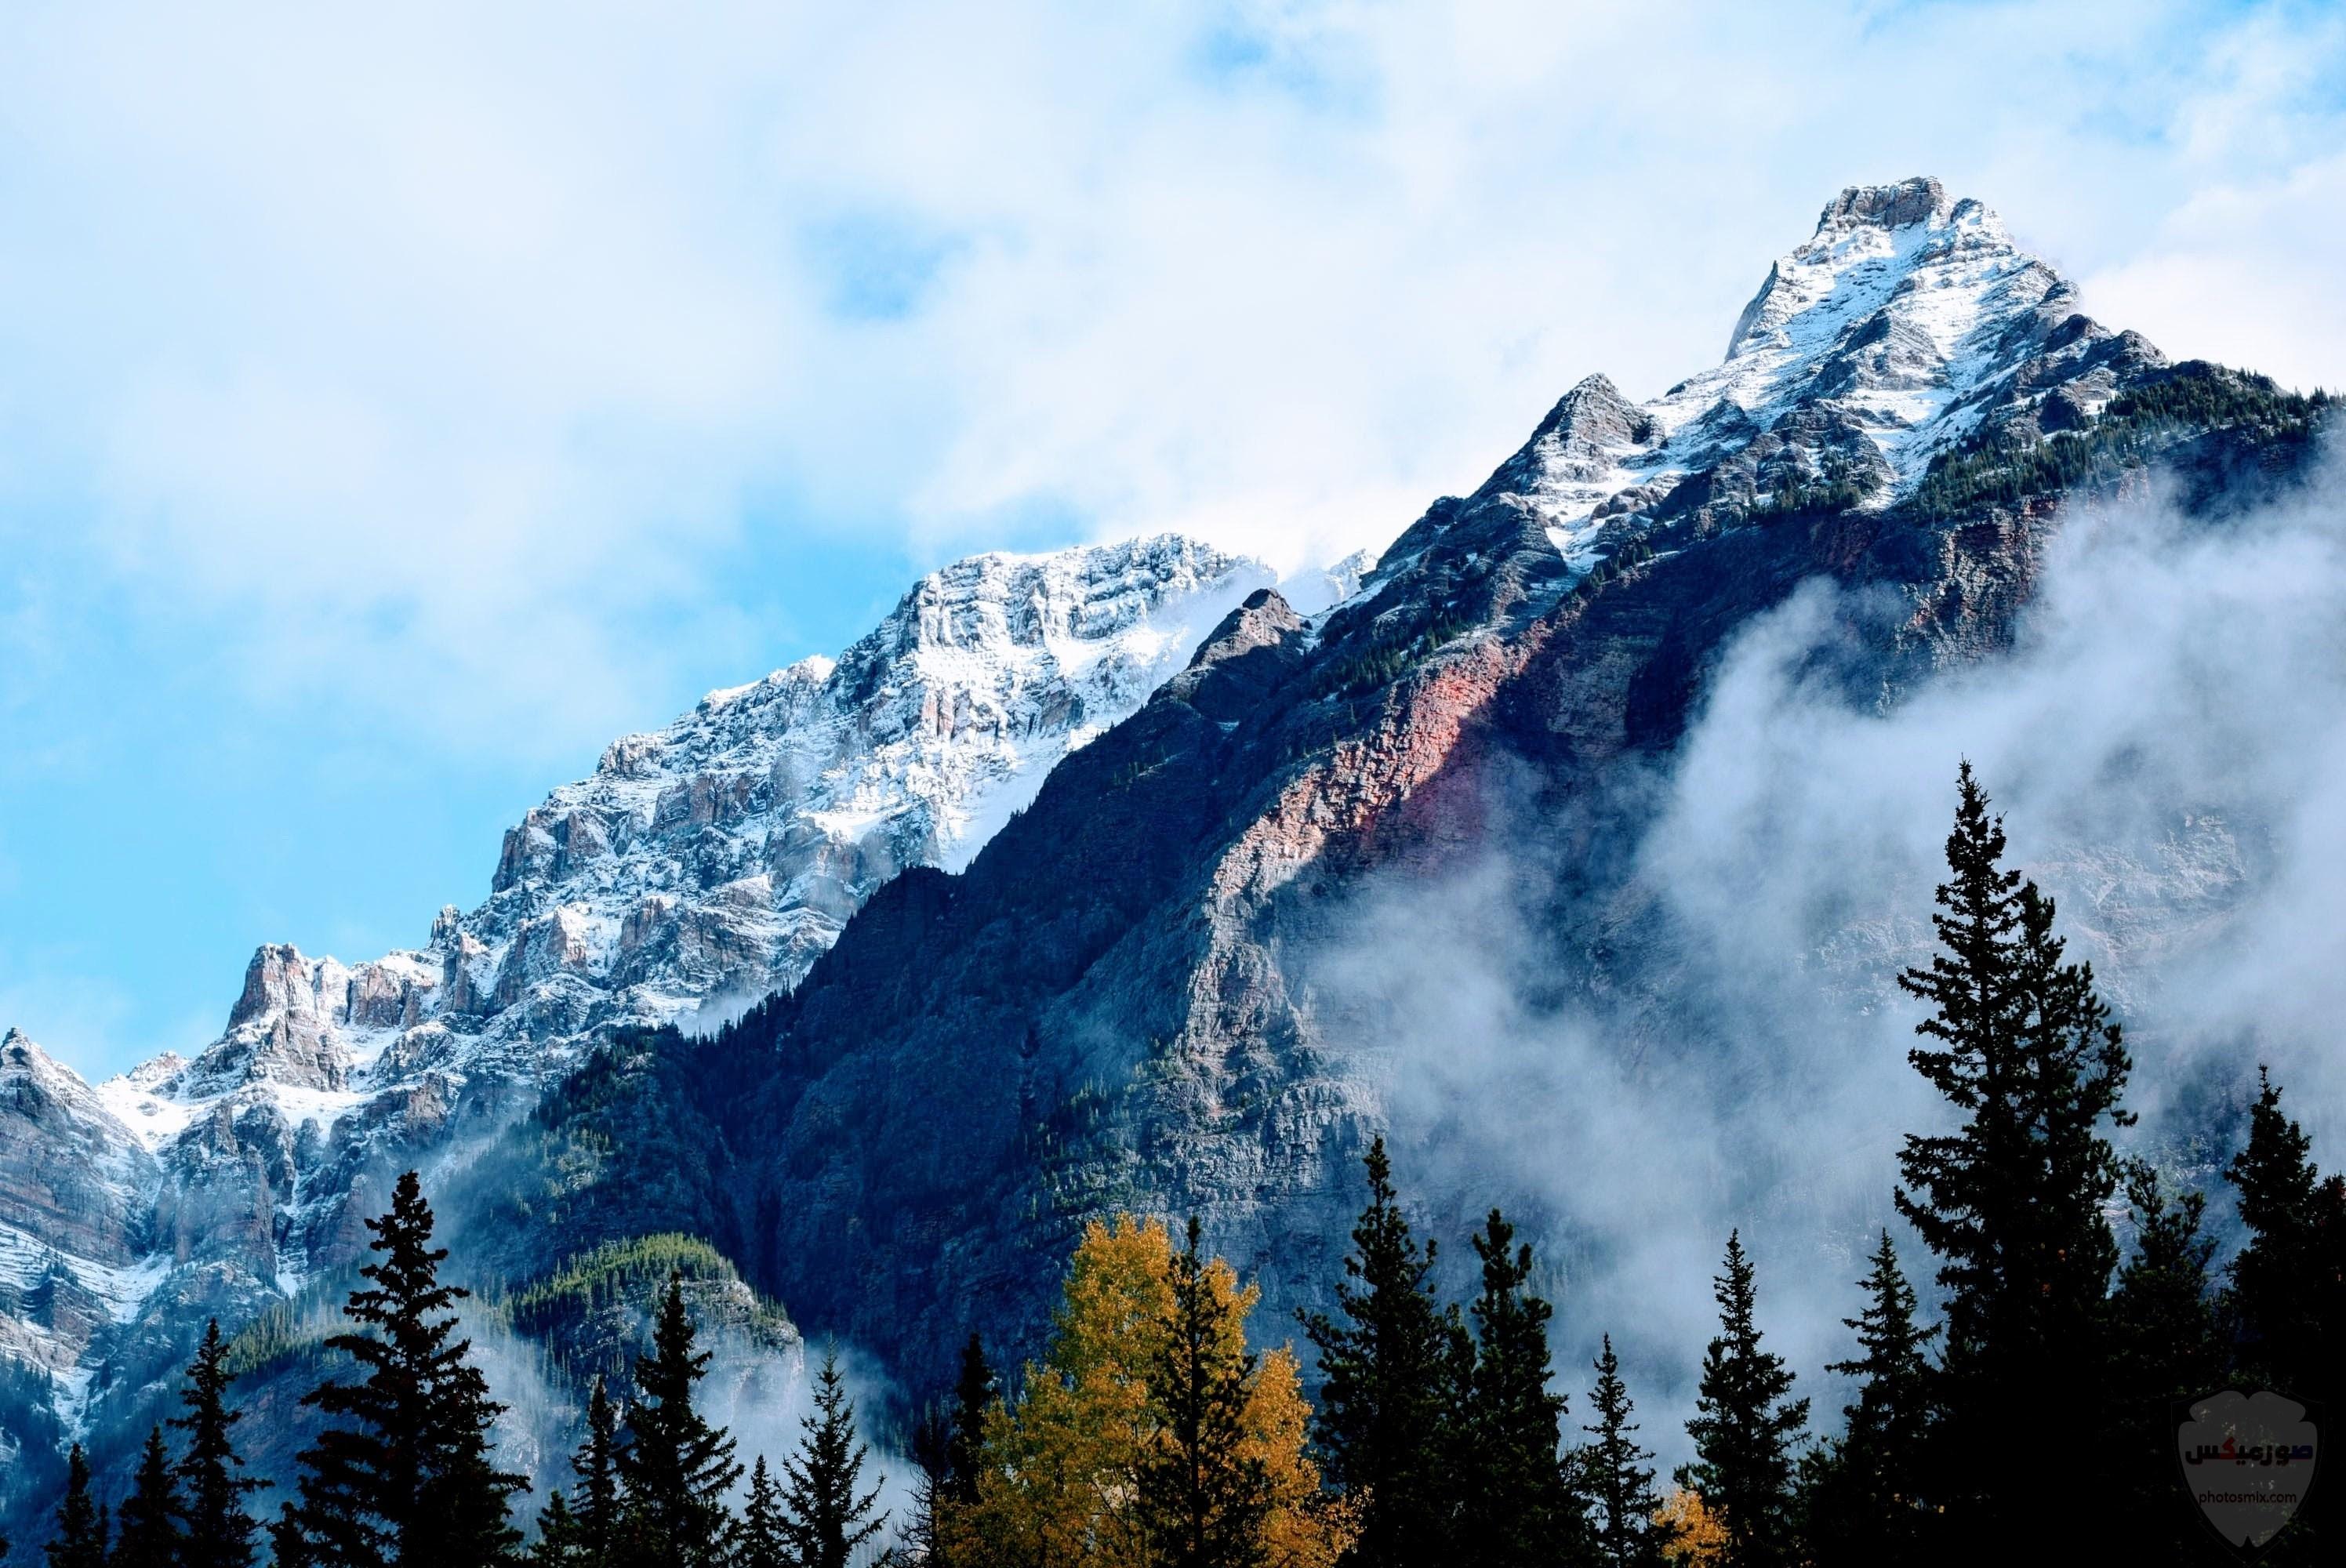 صور وخلفيات جبال وشلالات طبيعية HD خلفيات جبال خضراء وثلجية 4